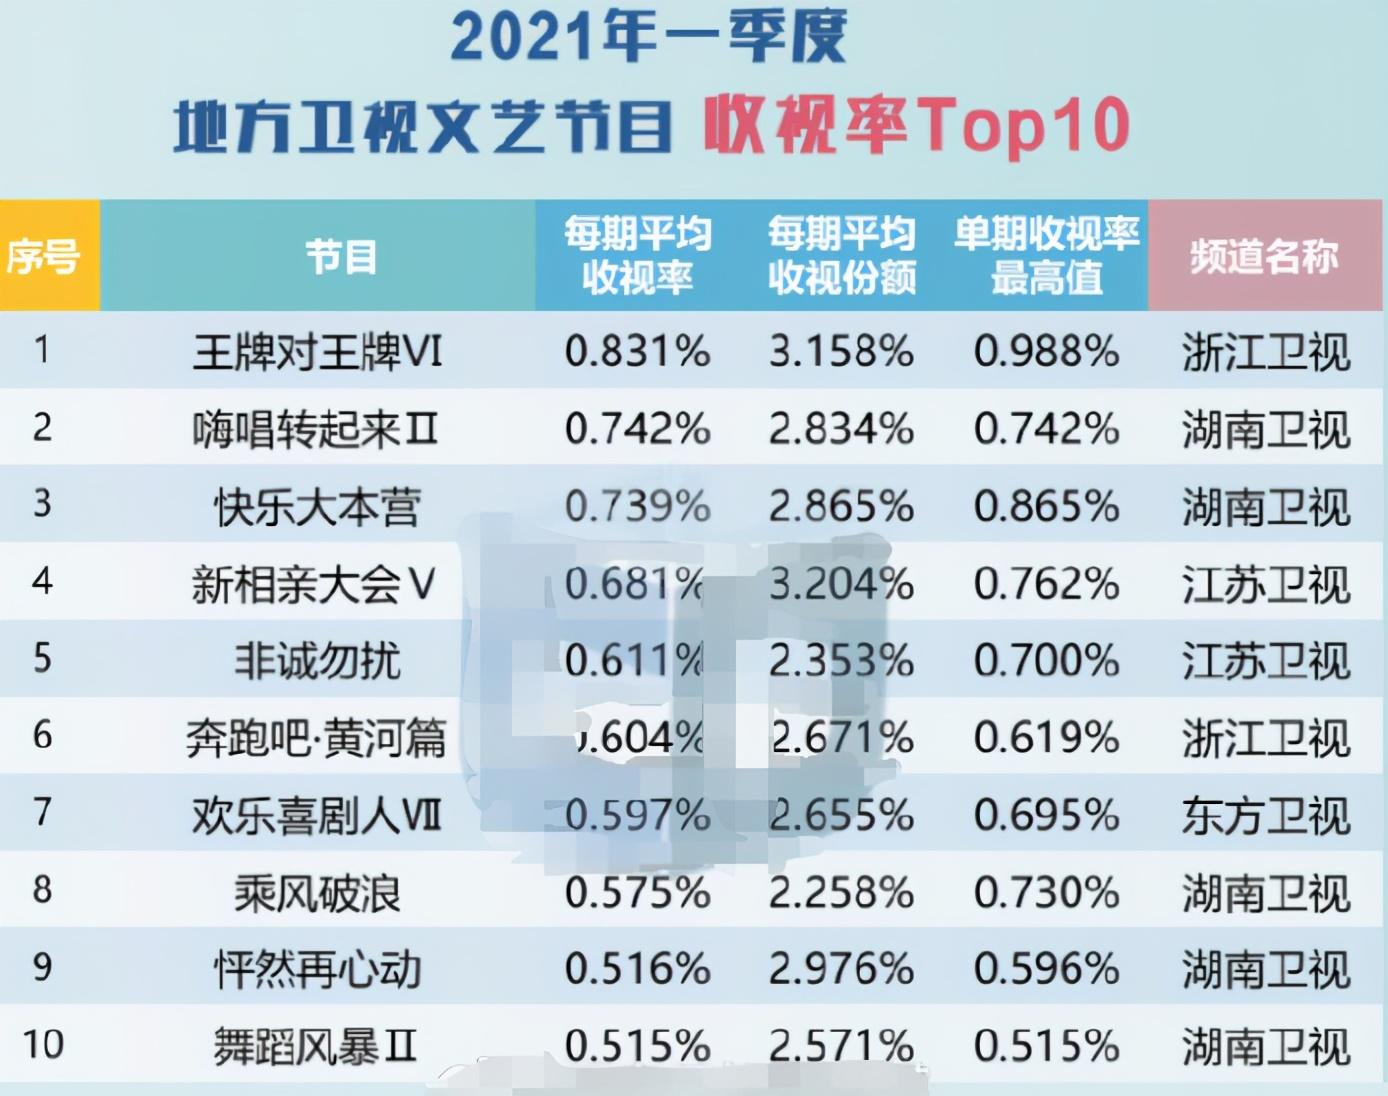 综艺节目收视率TOP10,《王牌》冠军,《大咖秀》未入围